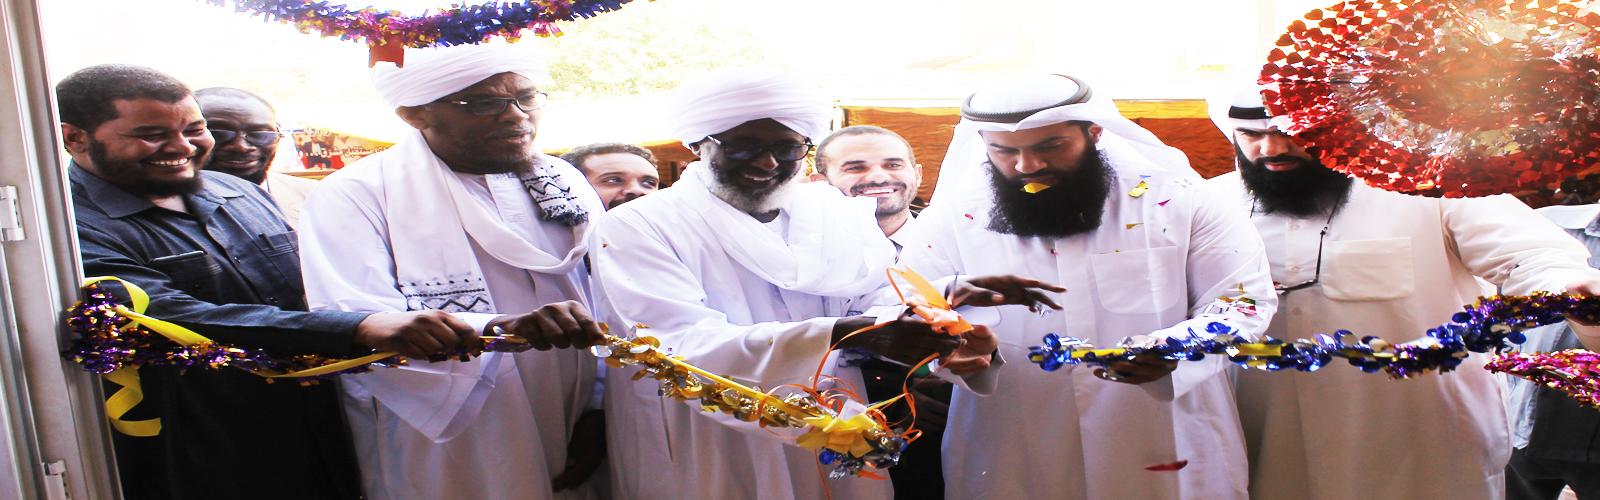 حفل إفتتاح مبنى الشريعة والقانون (مجمع د.وليد العلي وفهد الحسيني )